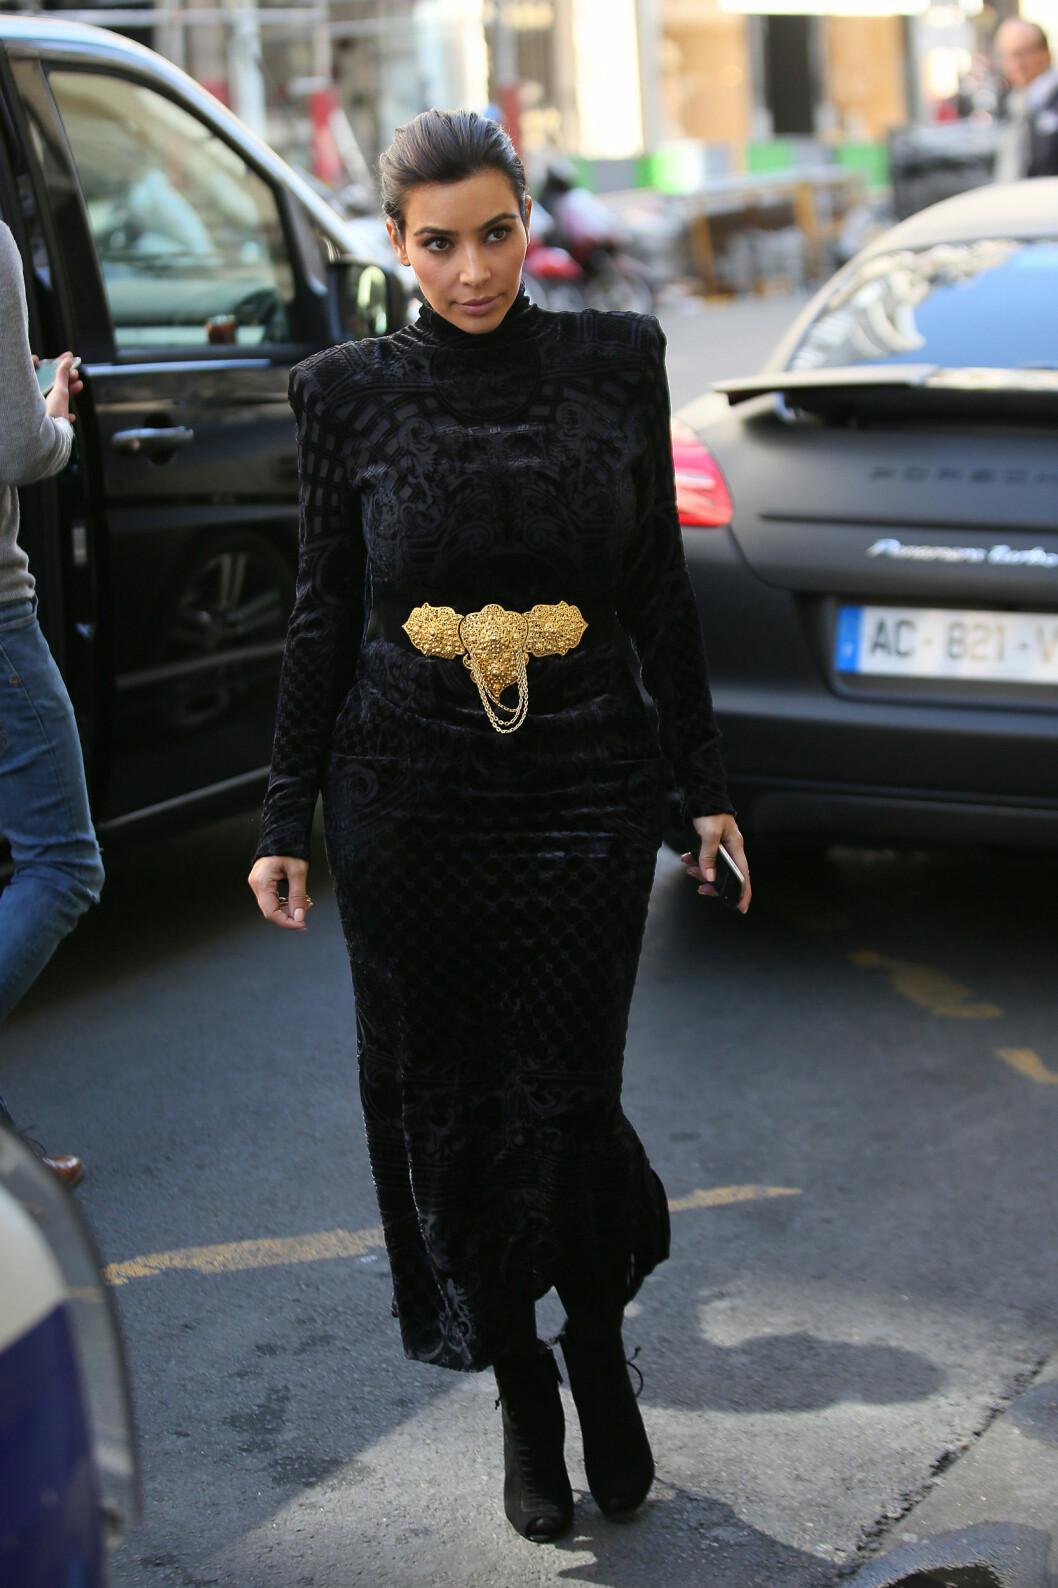 SKIFTET: Kim er vant til at fotografene fotfølger henne, og på shopping i Paris i forkant av bryllupet byttet hun like gjerne antrekk i bilen på vei fra en designerbutikk til den neste. Foto: Stella Pictures